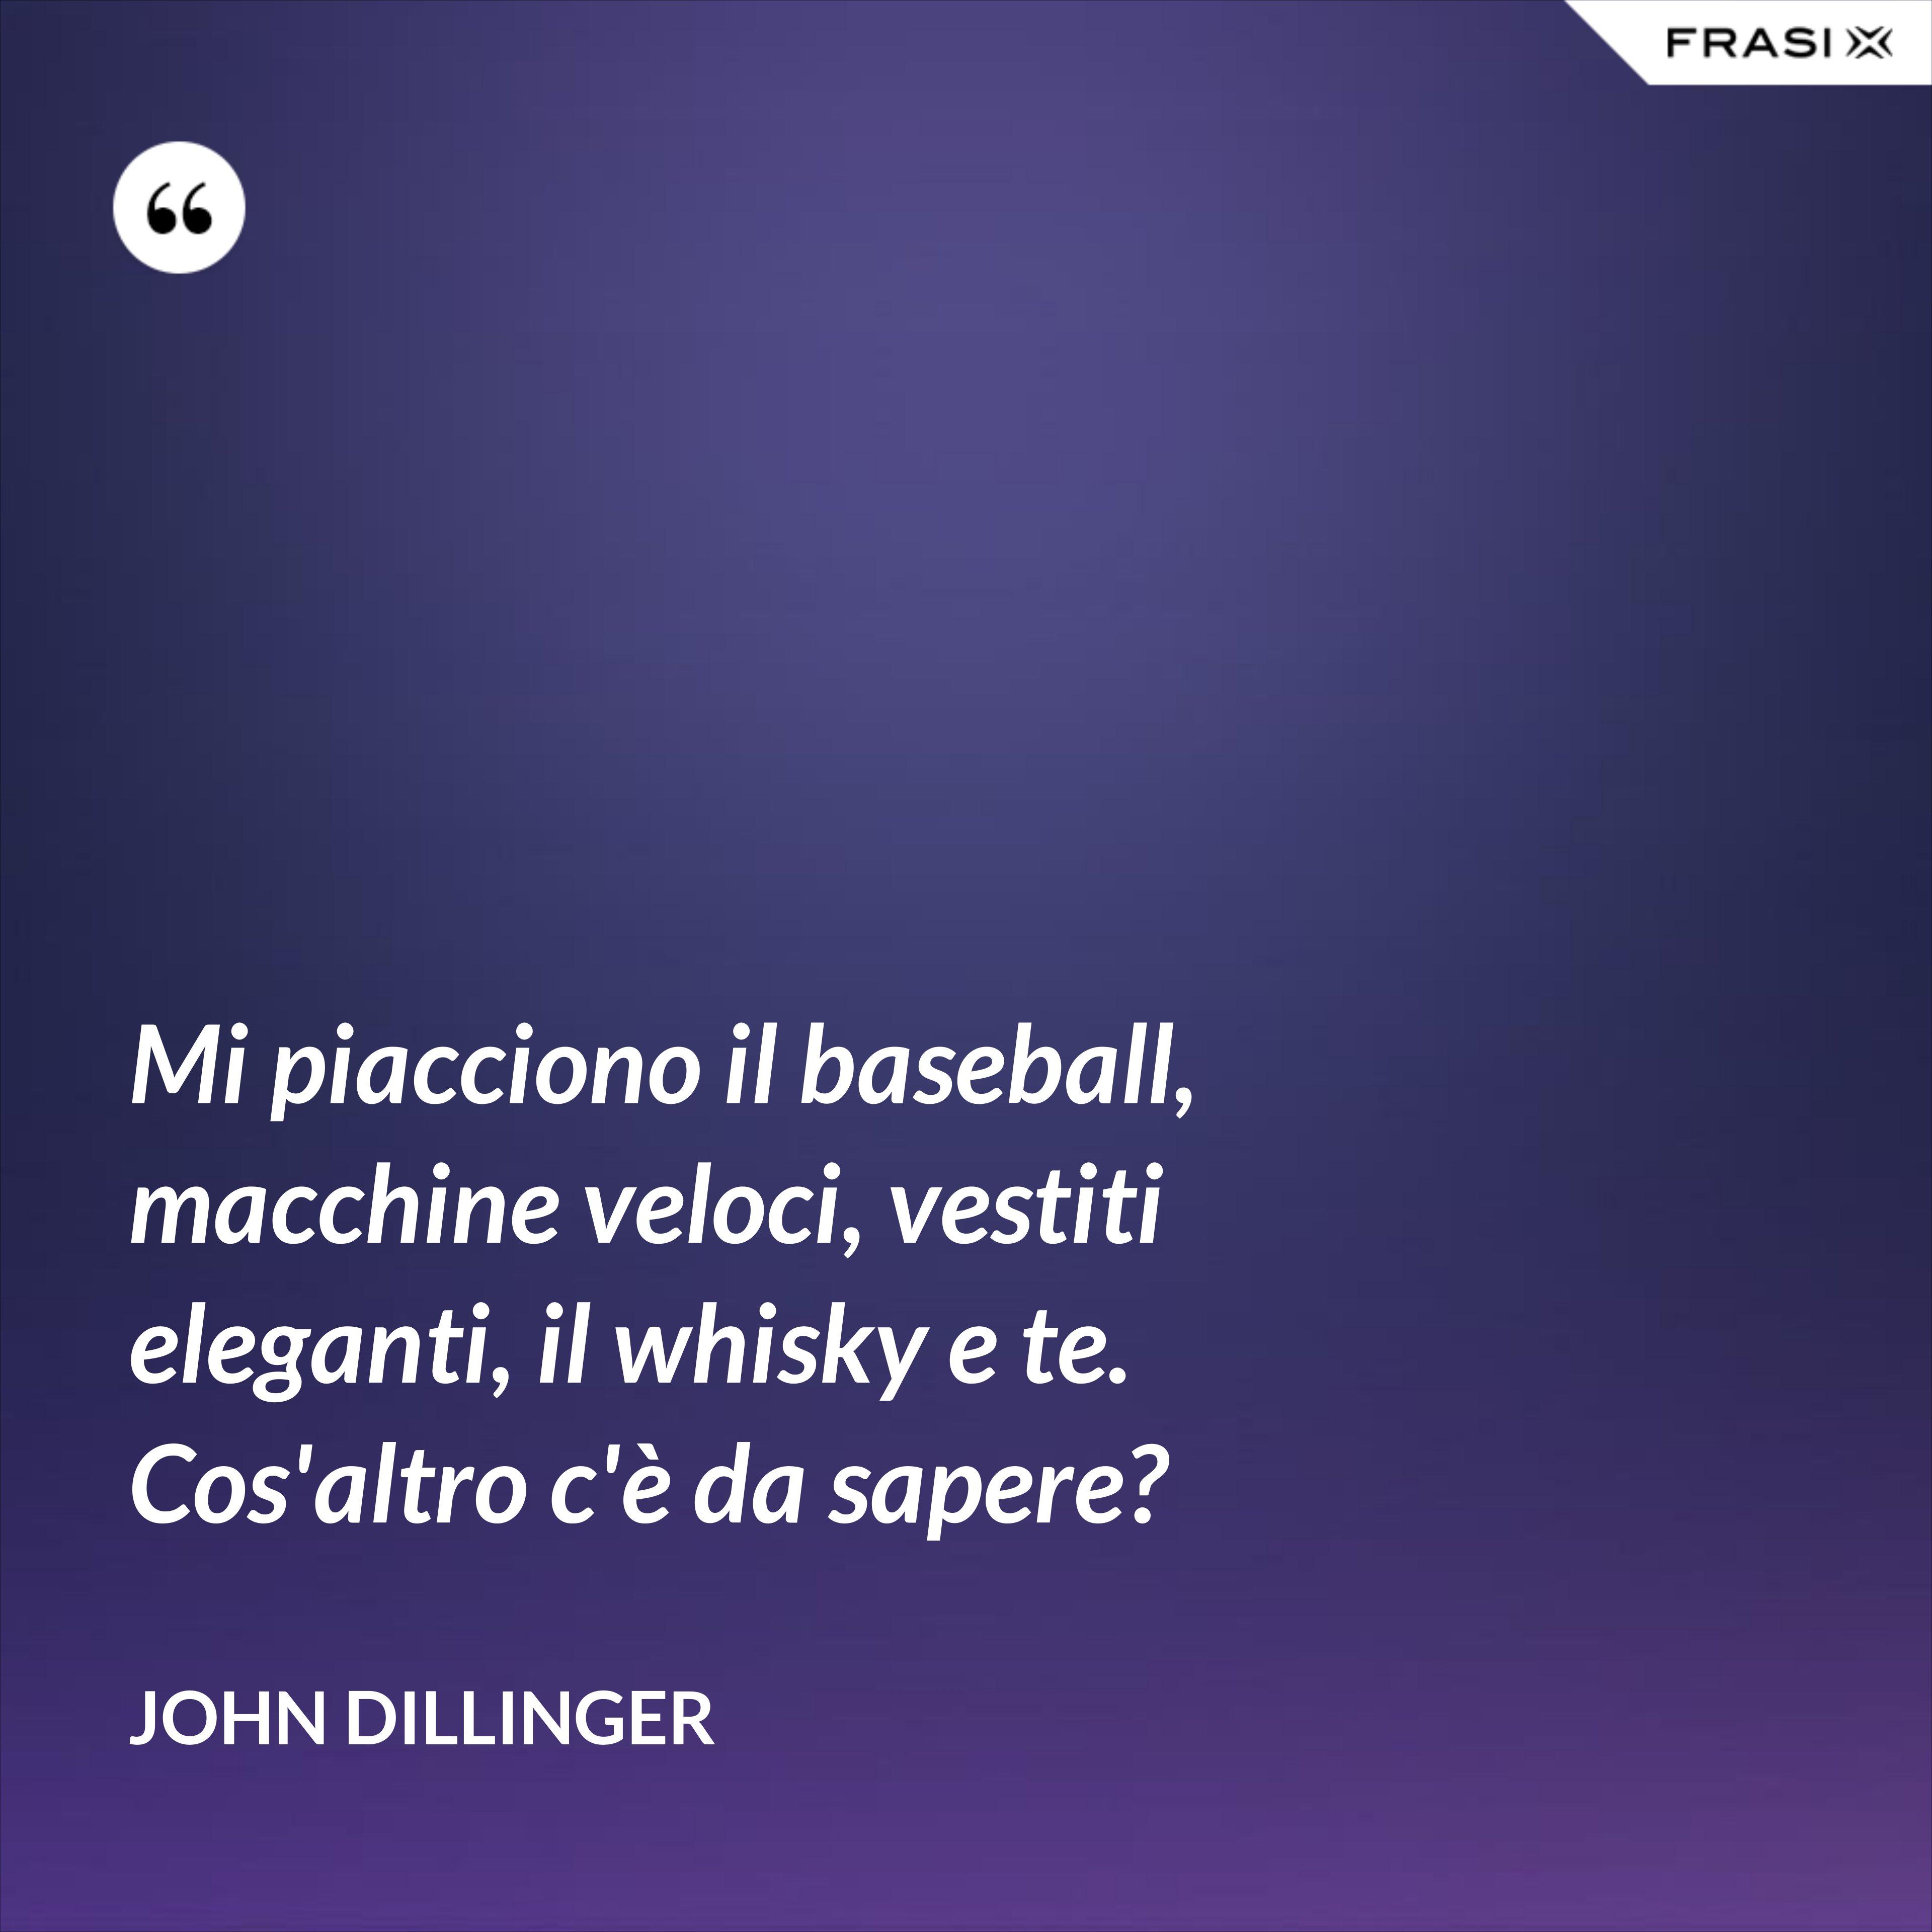 Mi piacciono il baseball, macchine veloci, vestiti eleganti, il whisky e te. Cos'altro c'è da sapere? - John Dillinger